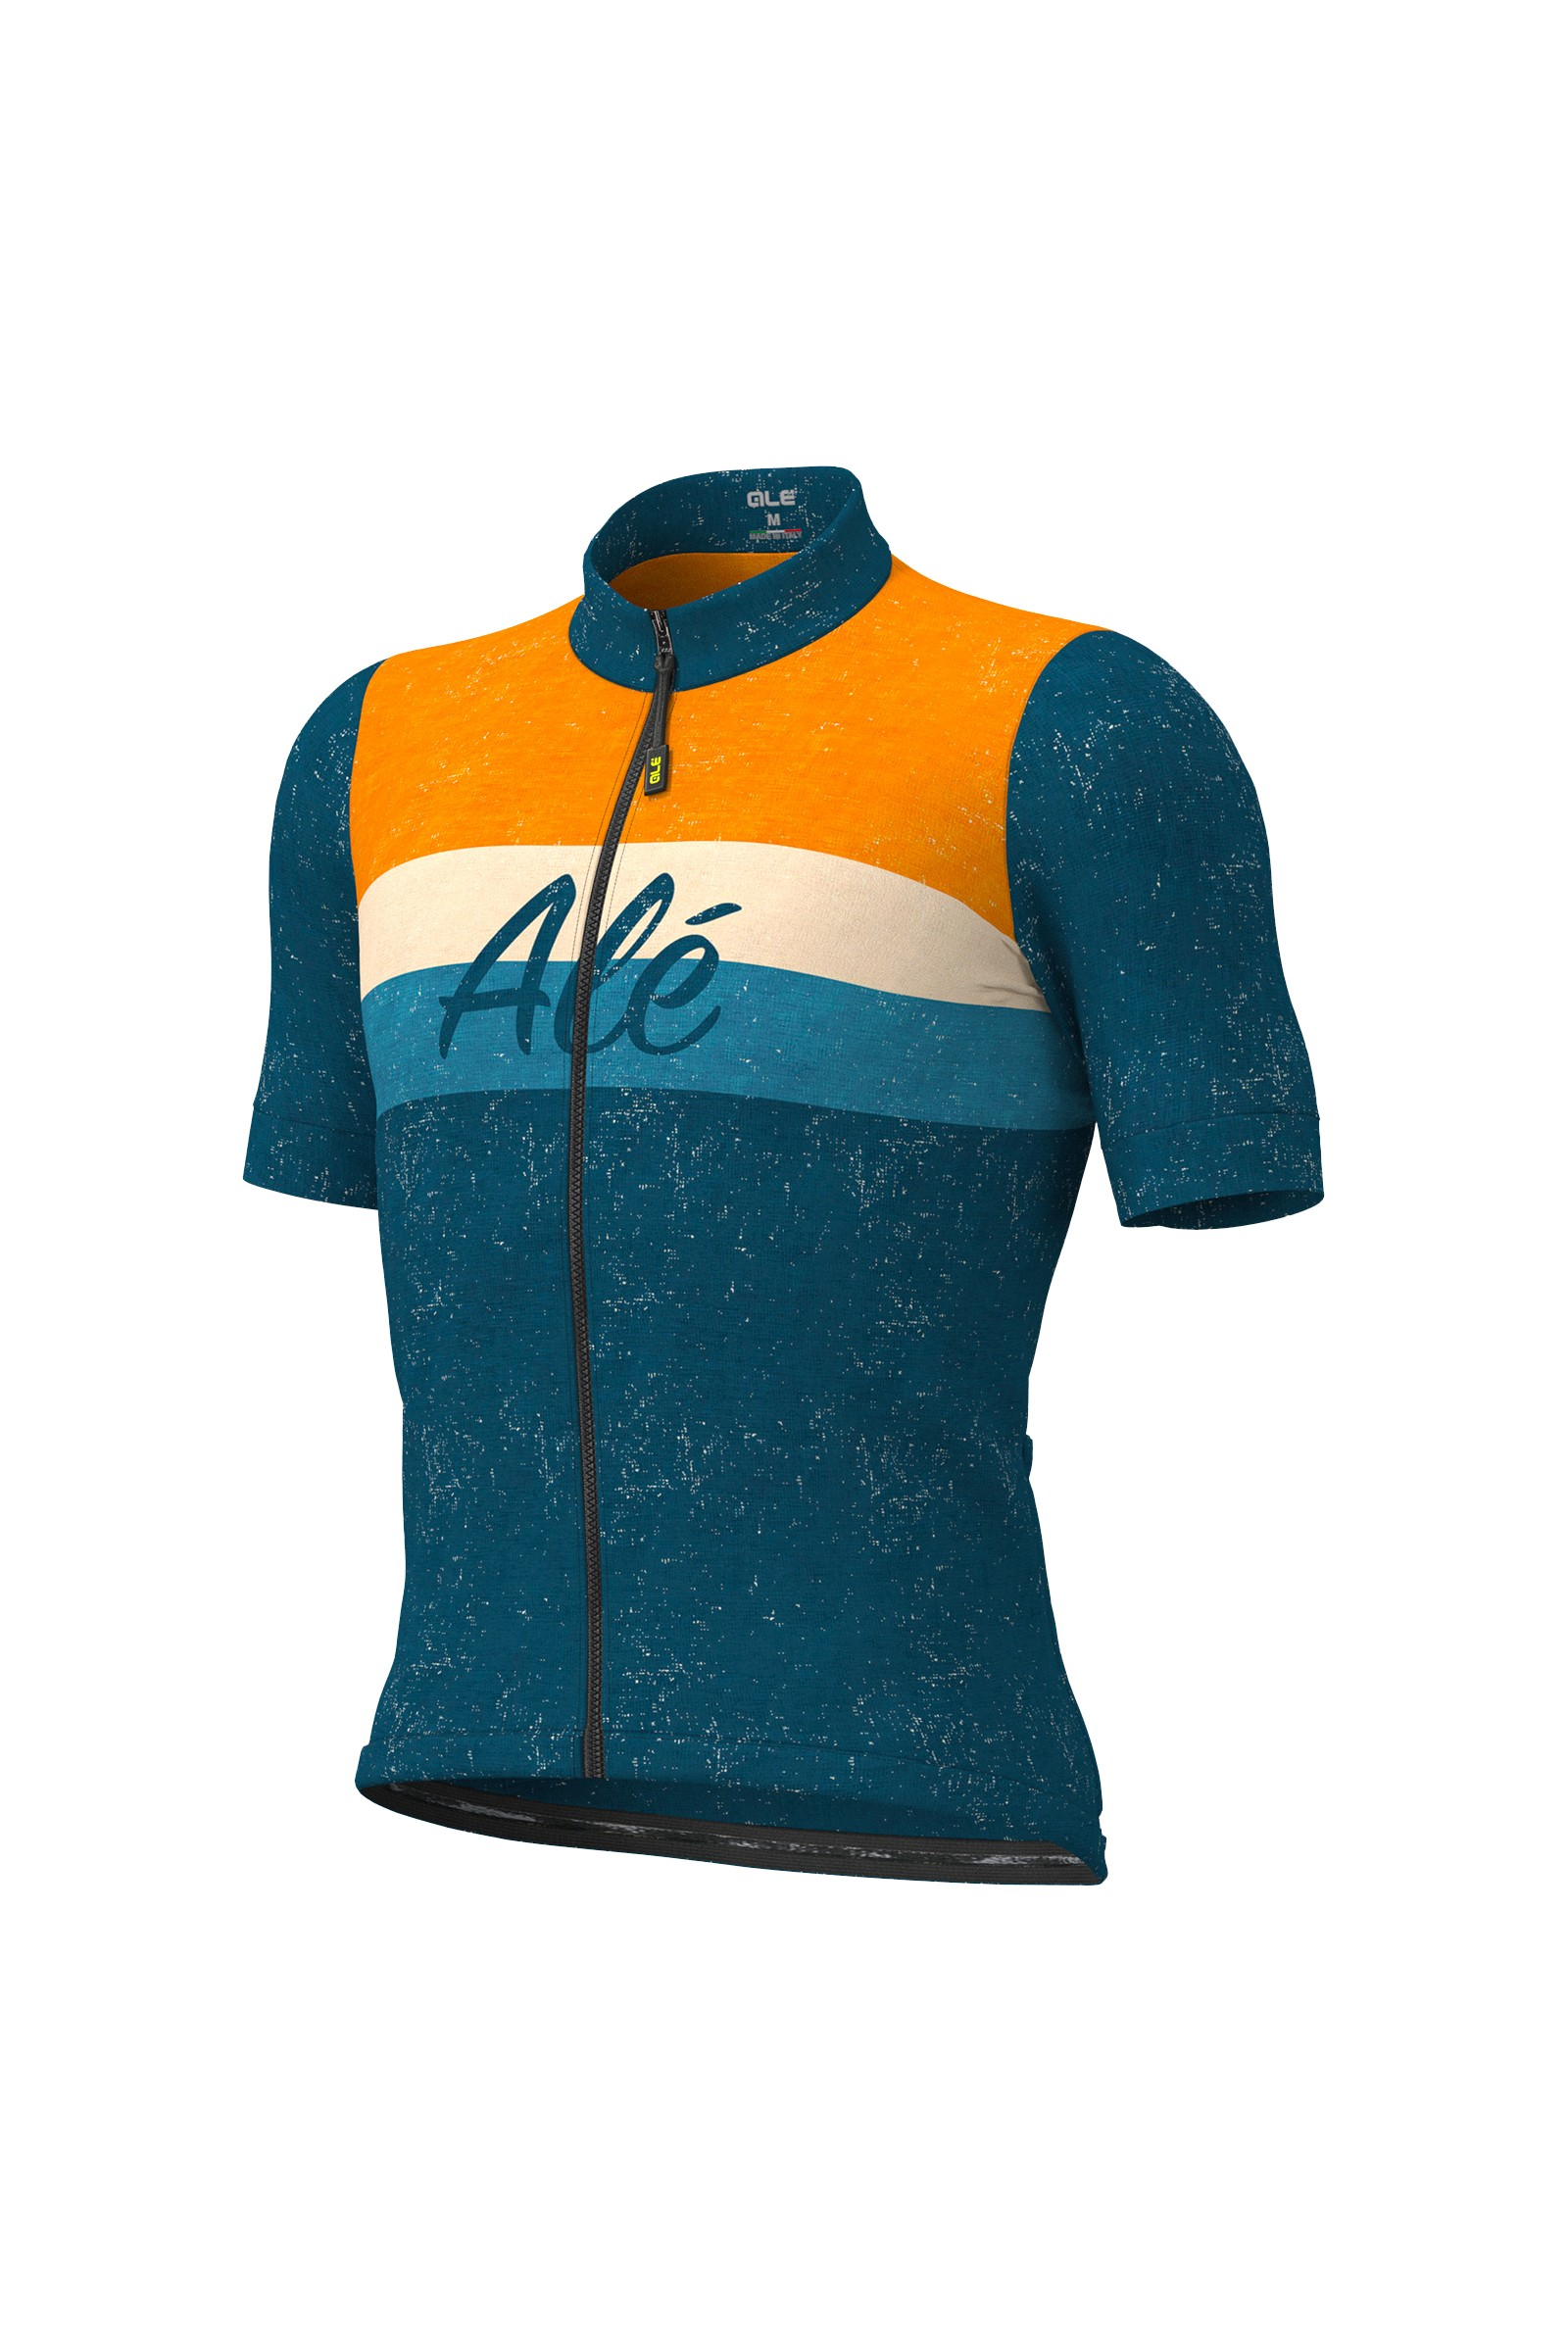 Koszulka rowerowa mêska Alé Cycling Classic Storica